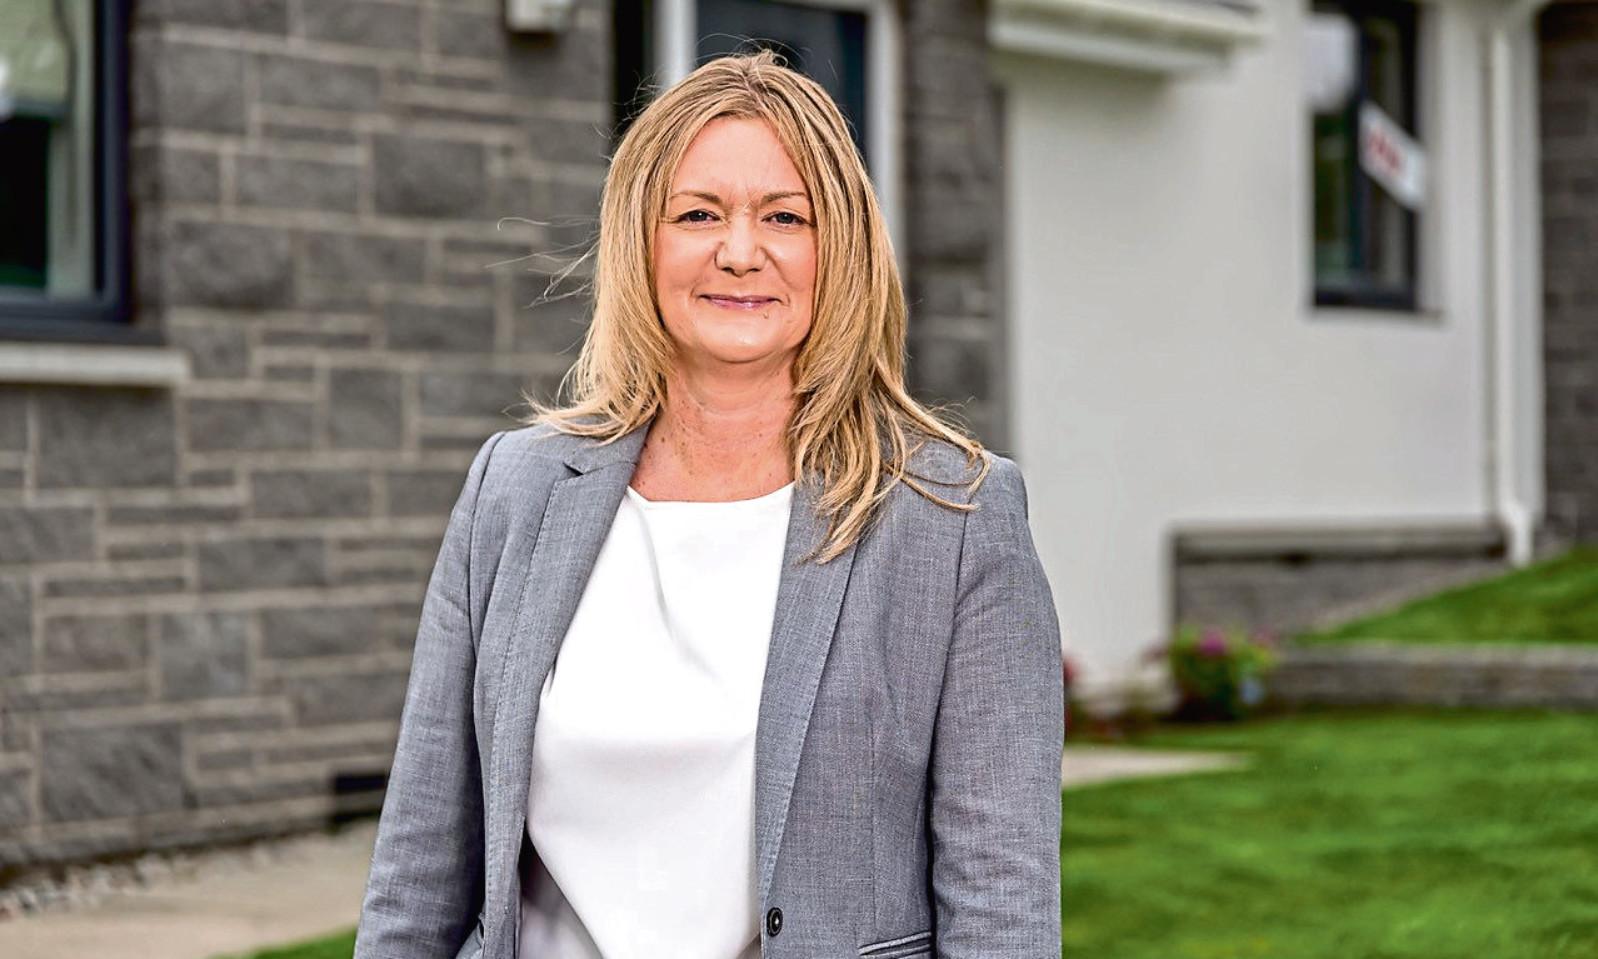 Karen Nicoll, Managing Director of DJ Laing Group